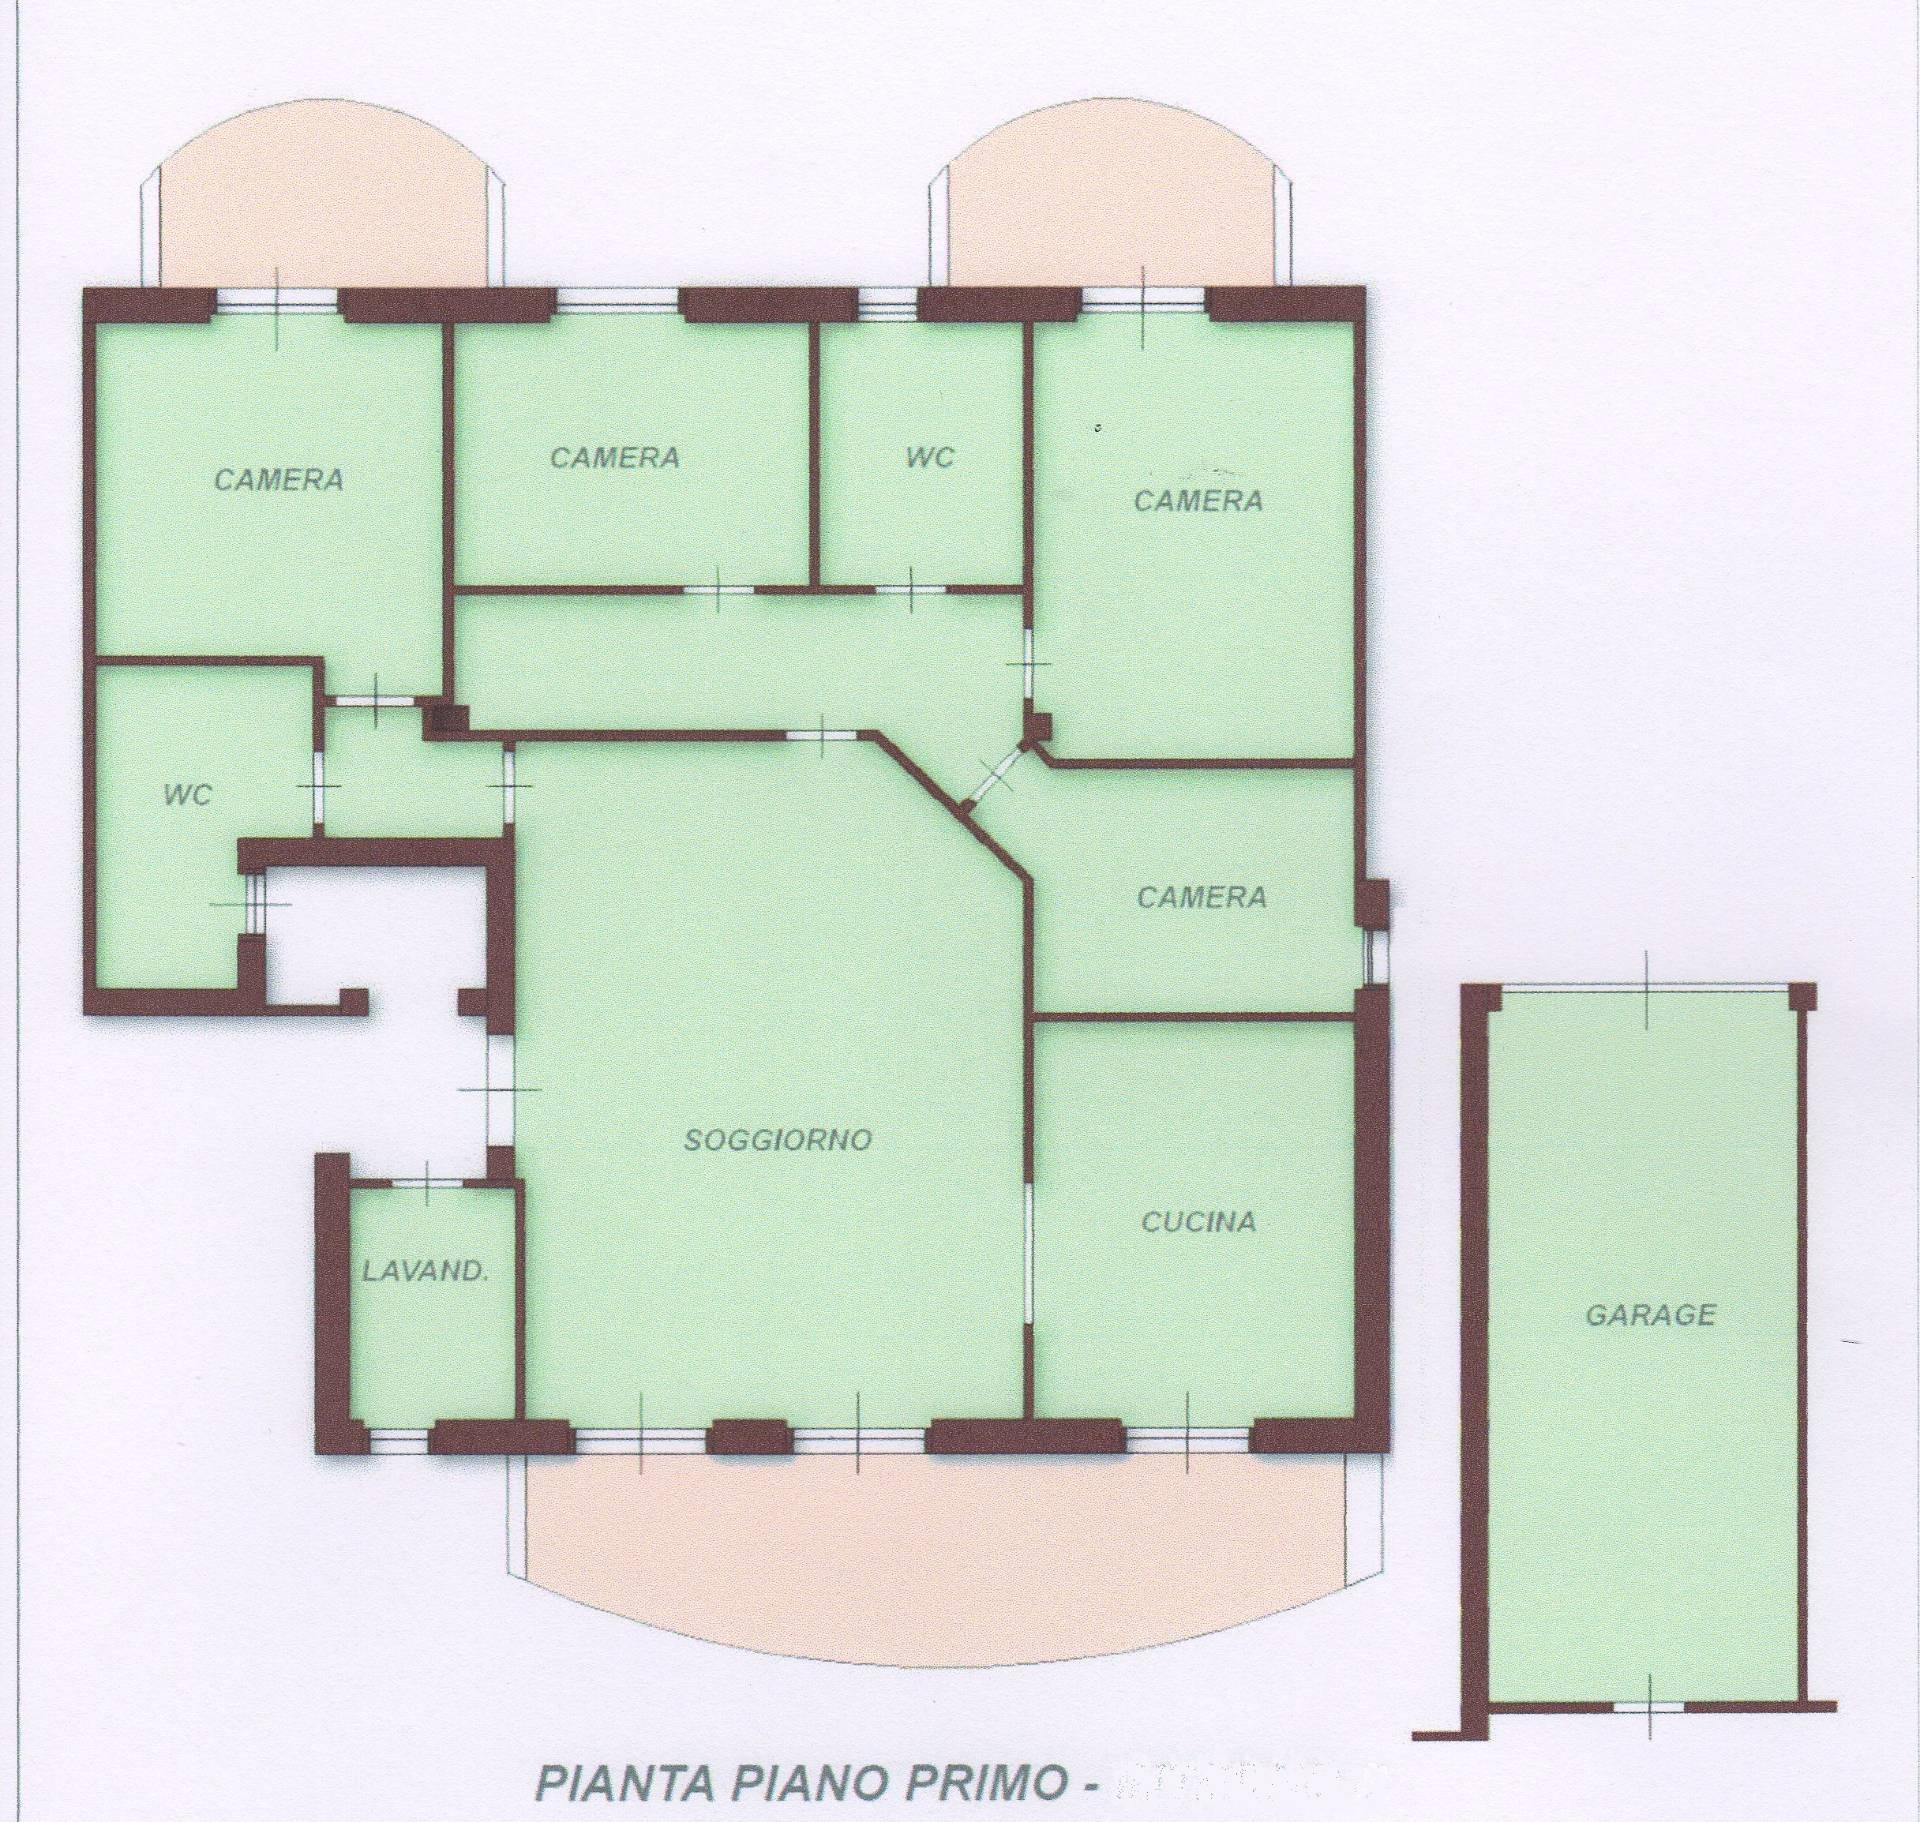 Appartamento in vendita a Monteprandone, 6 locali, zona Località: CENTOBUCHISOPRALASALARIA, prezzo € 256.000   CambioCasa.it